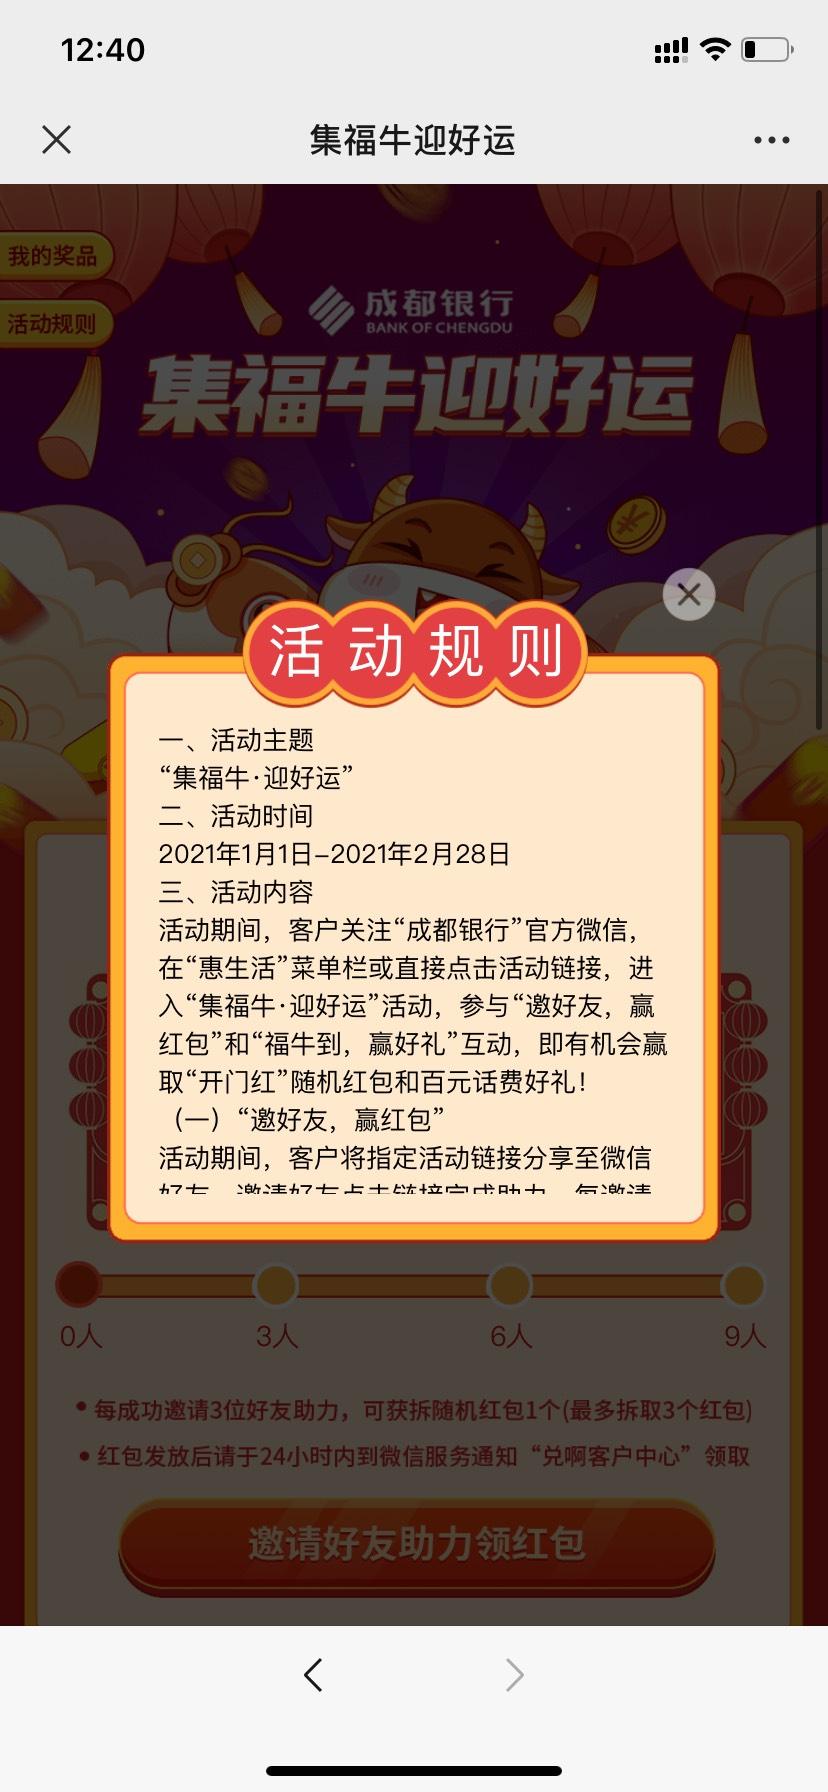 成都银行集福领微信红包插图